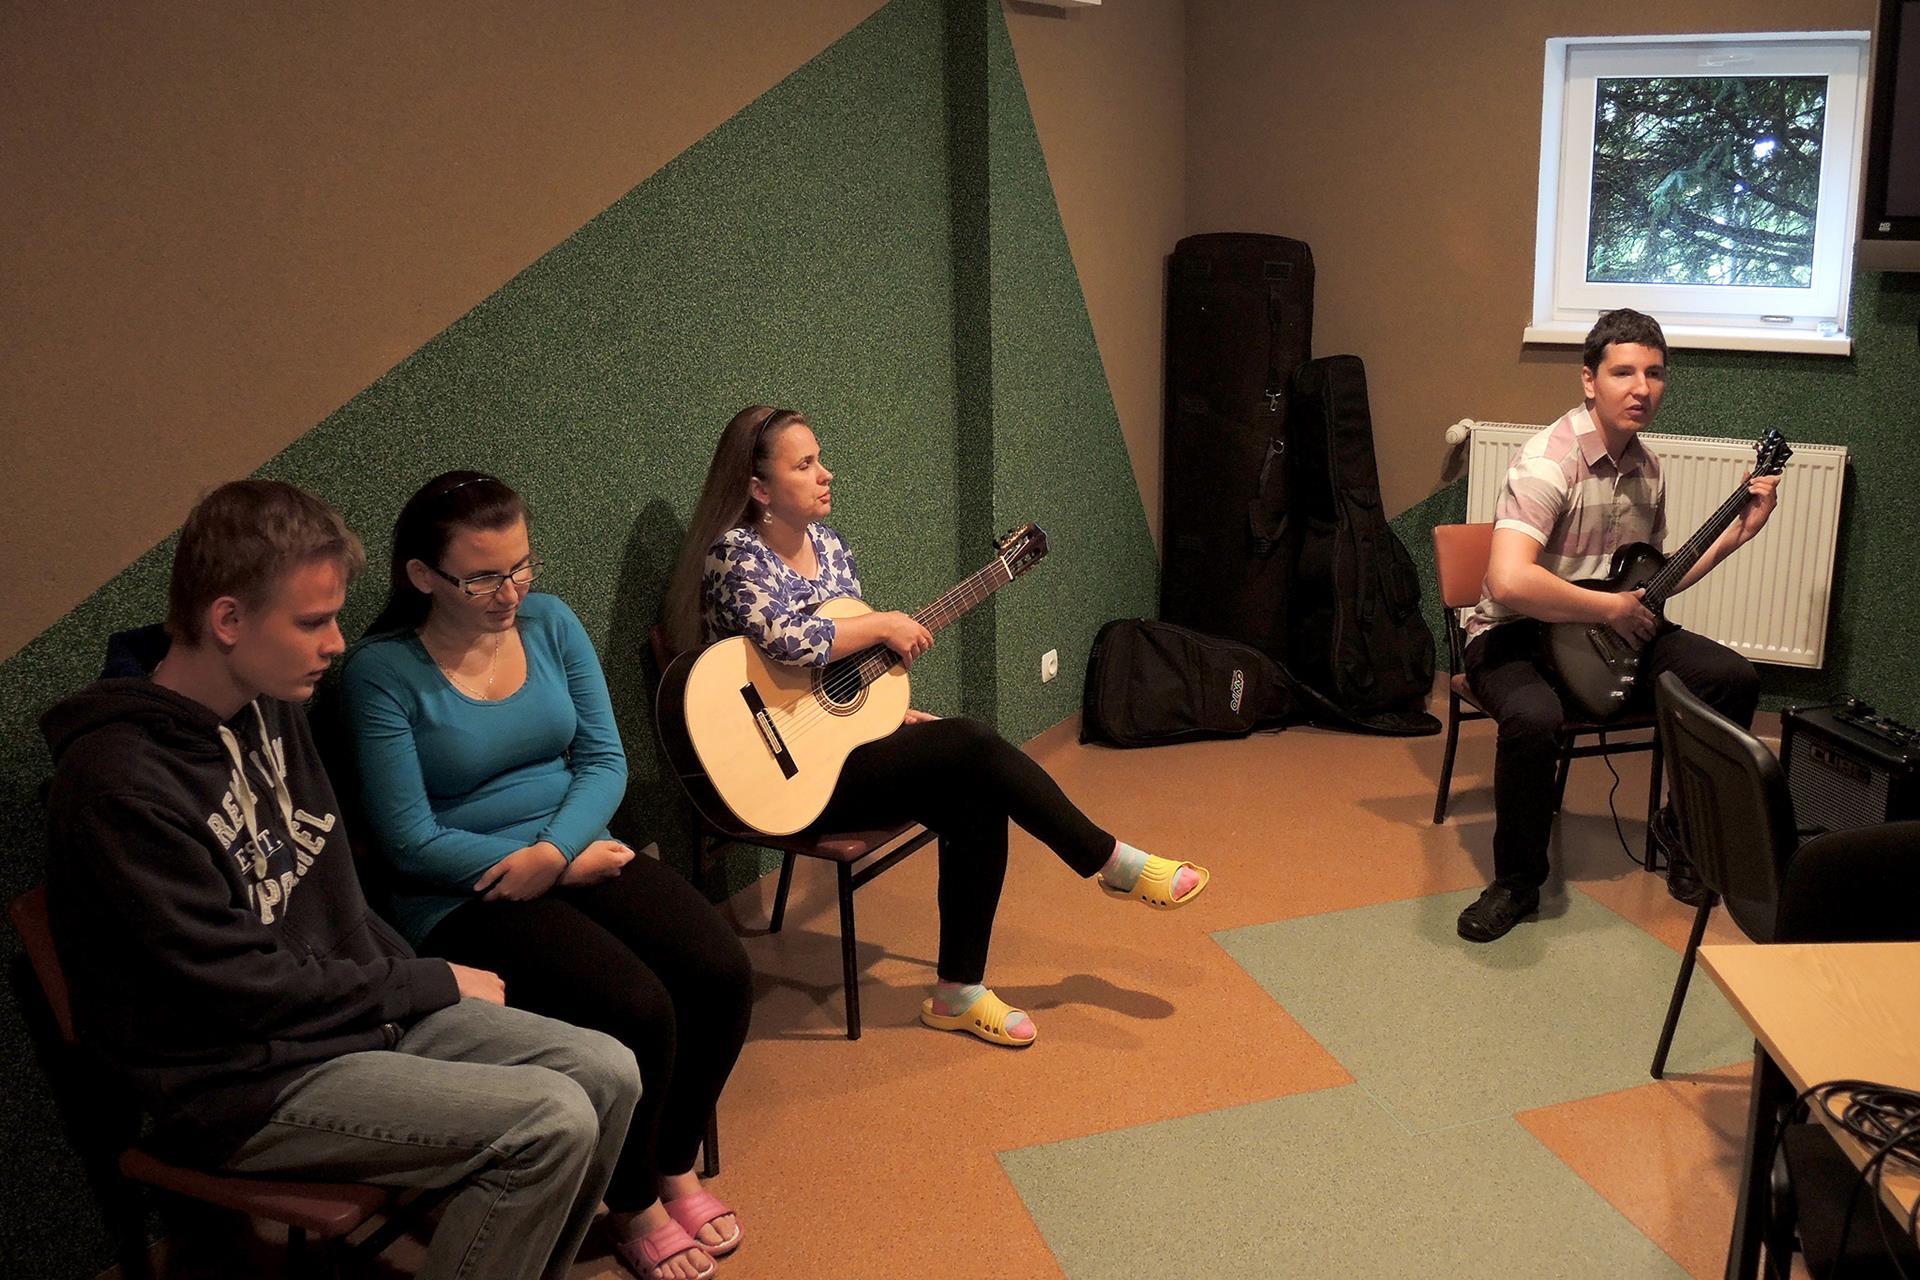 Mężczyzna gra na gitarze, obok niego siedzą dwie kobiety i mężczyzna.